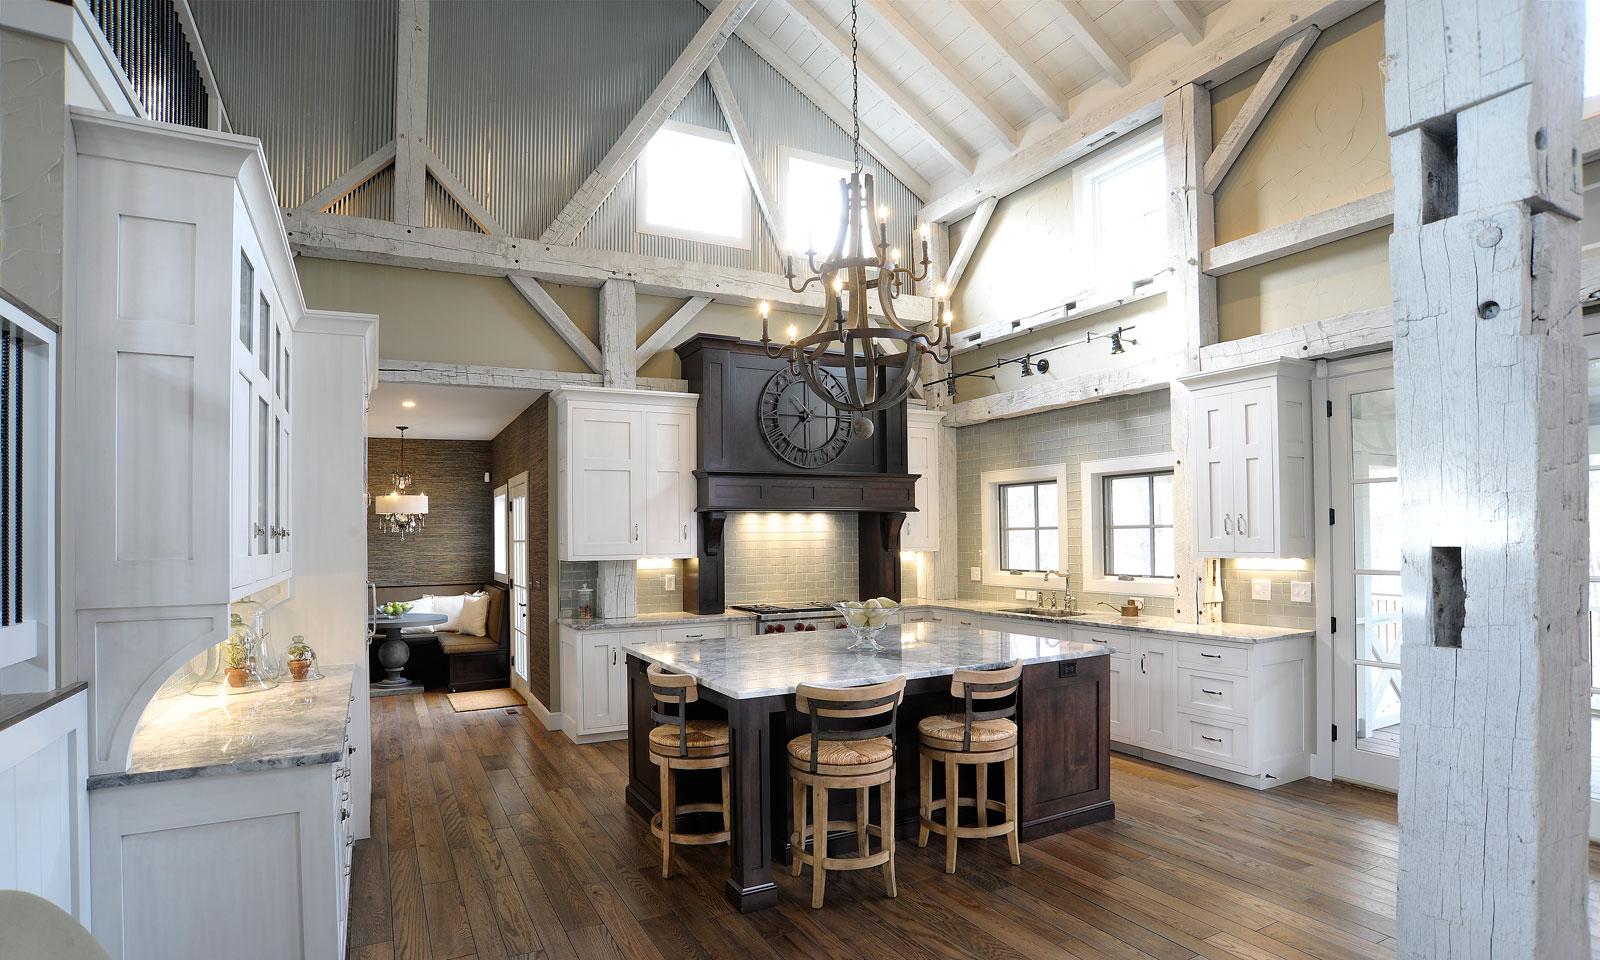 barn house kitchen discount islands mullet cabinet  rebuilt timber frame home